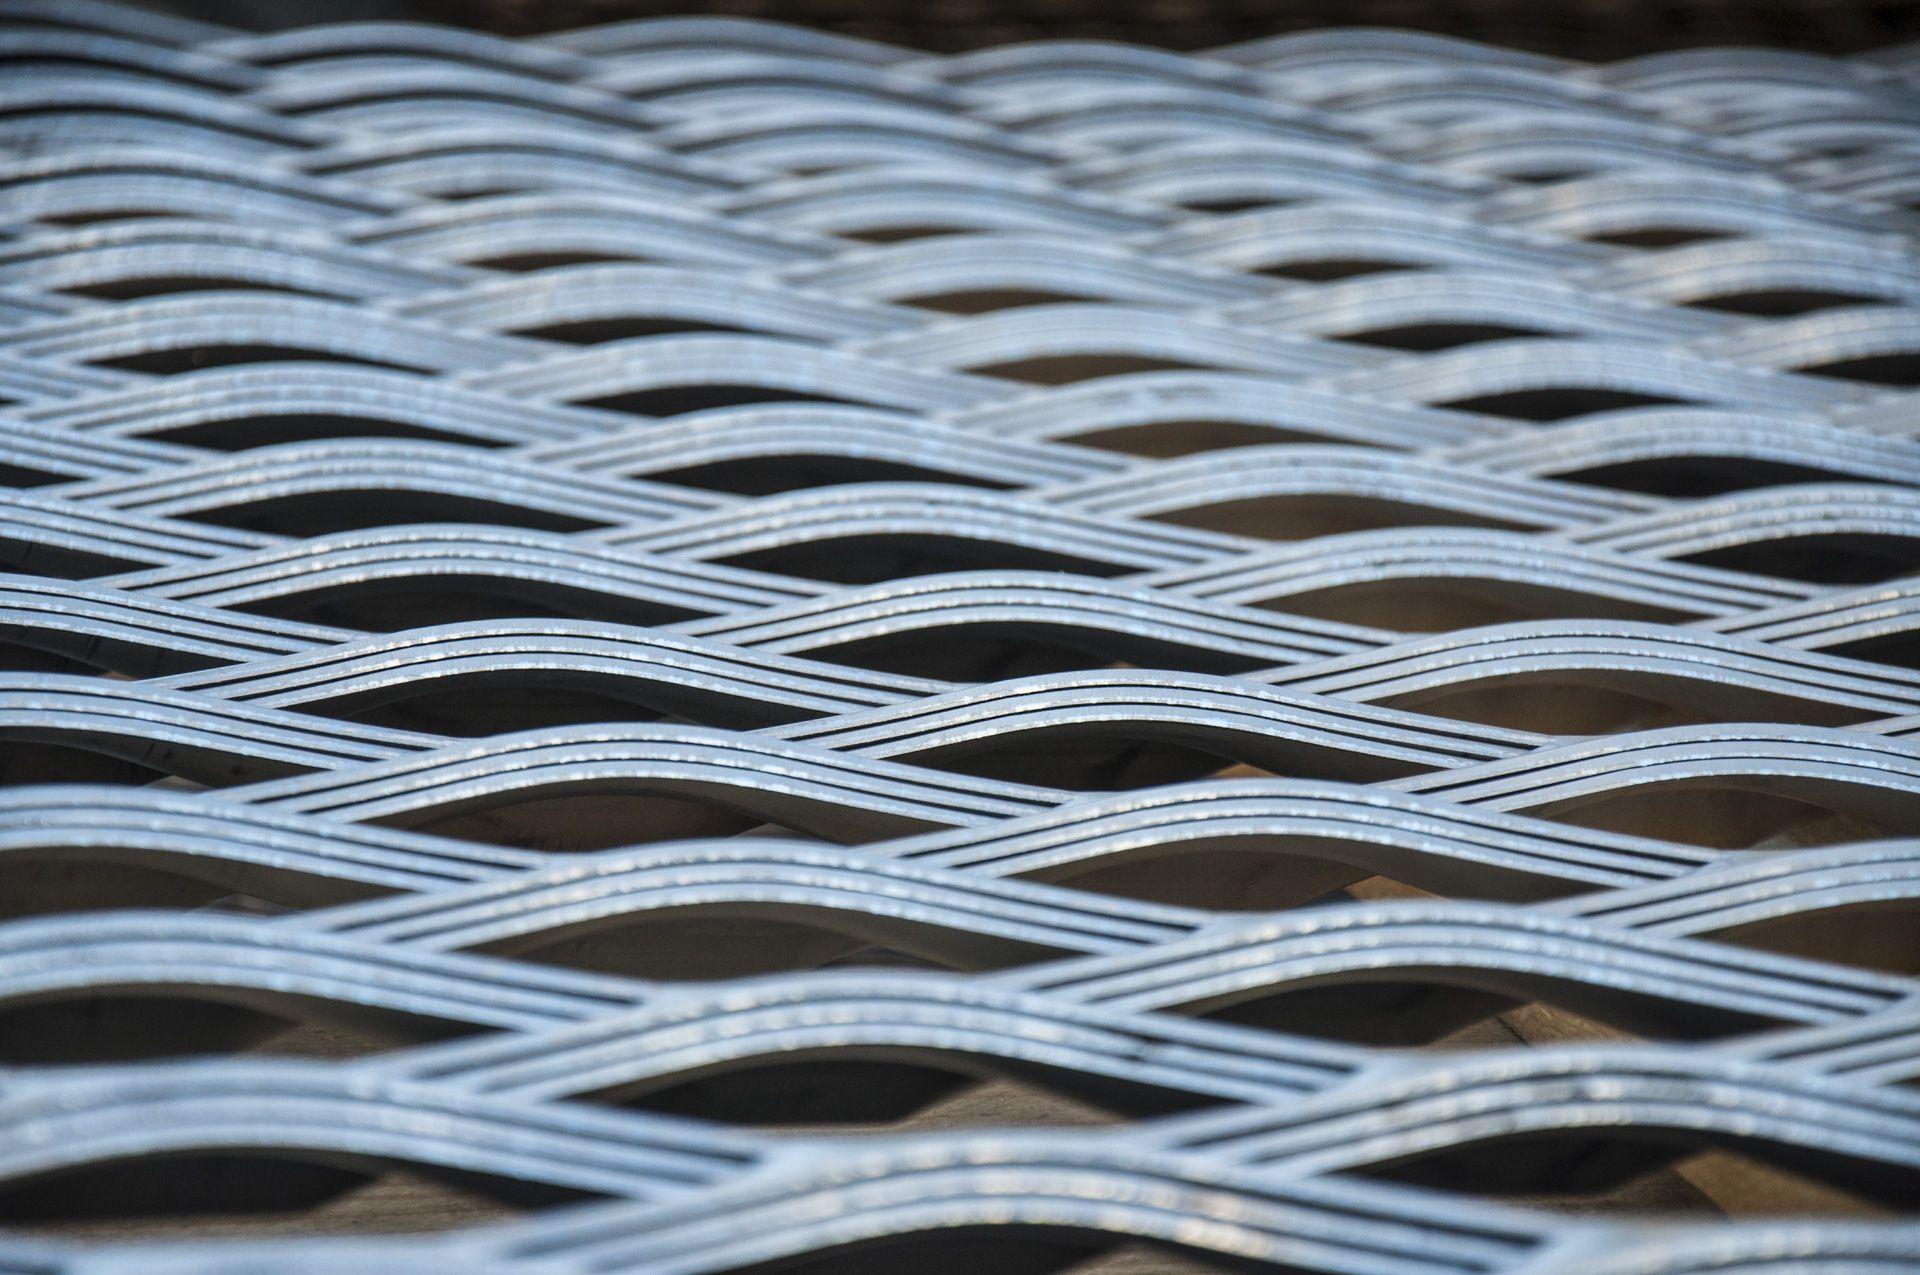 metalltech material